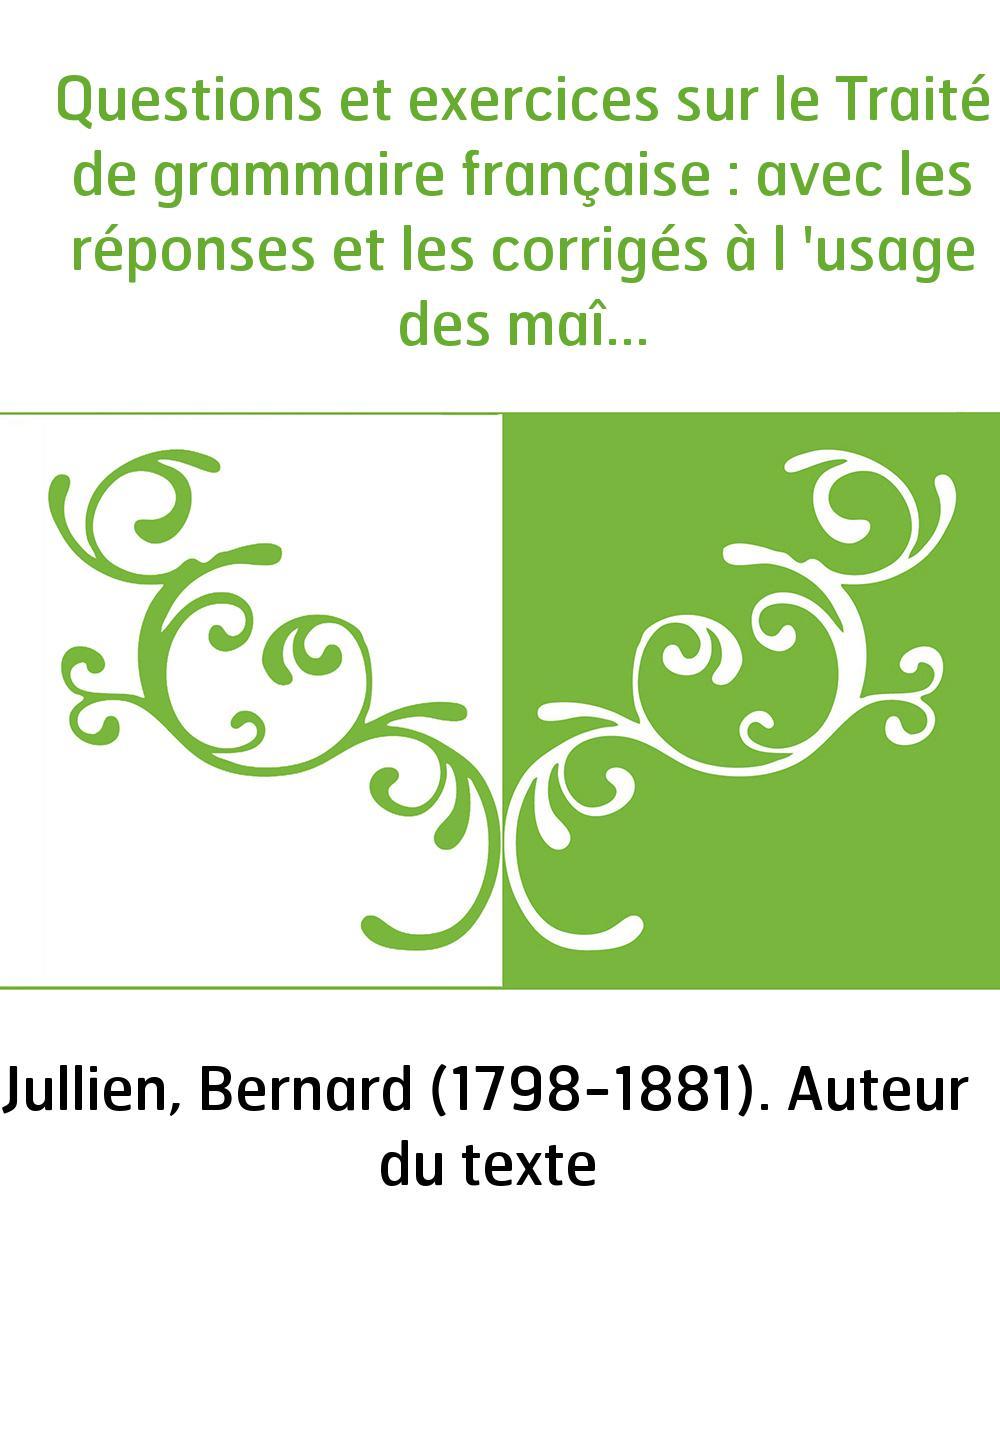 Questions et exercices sur le Traité de grammaire française : avec les réponses et les corrigés à l 'usage des maîtres. 2e part